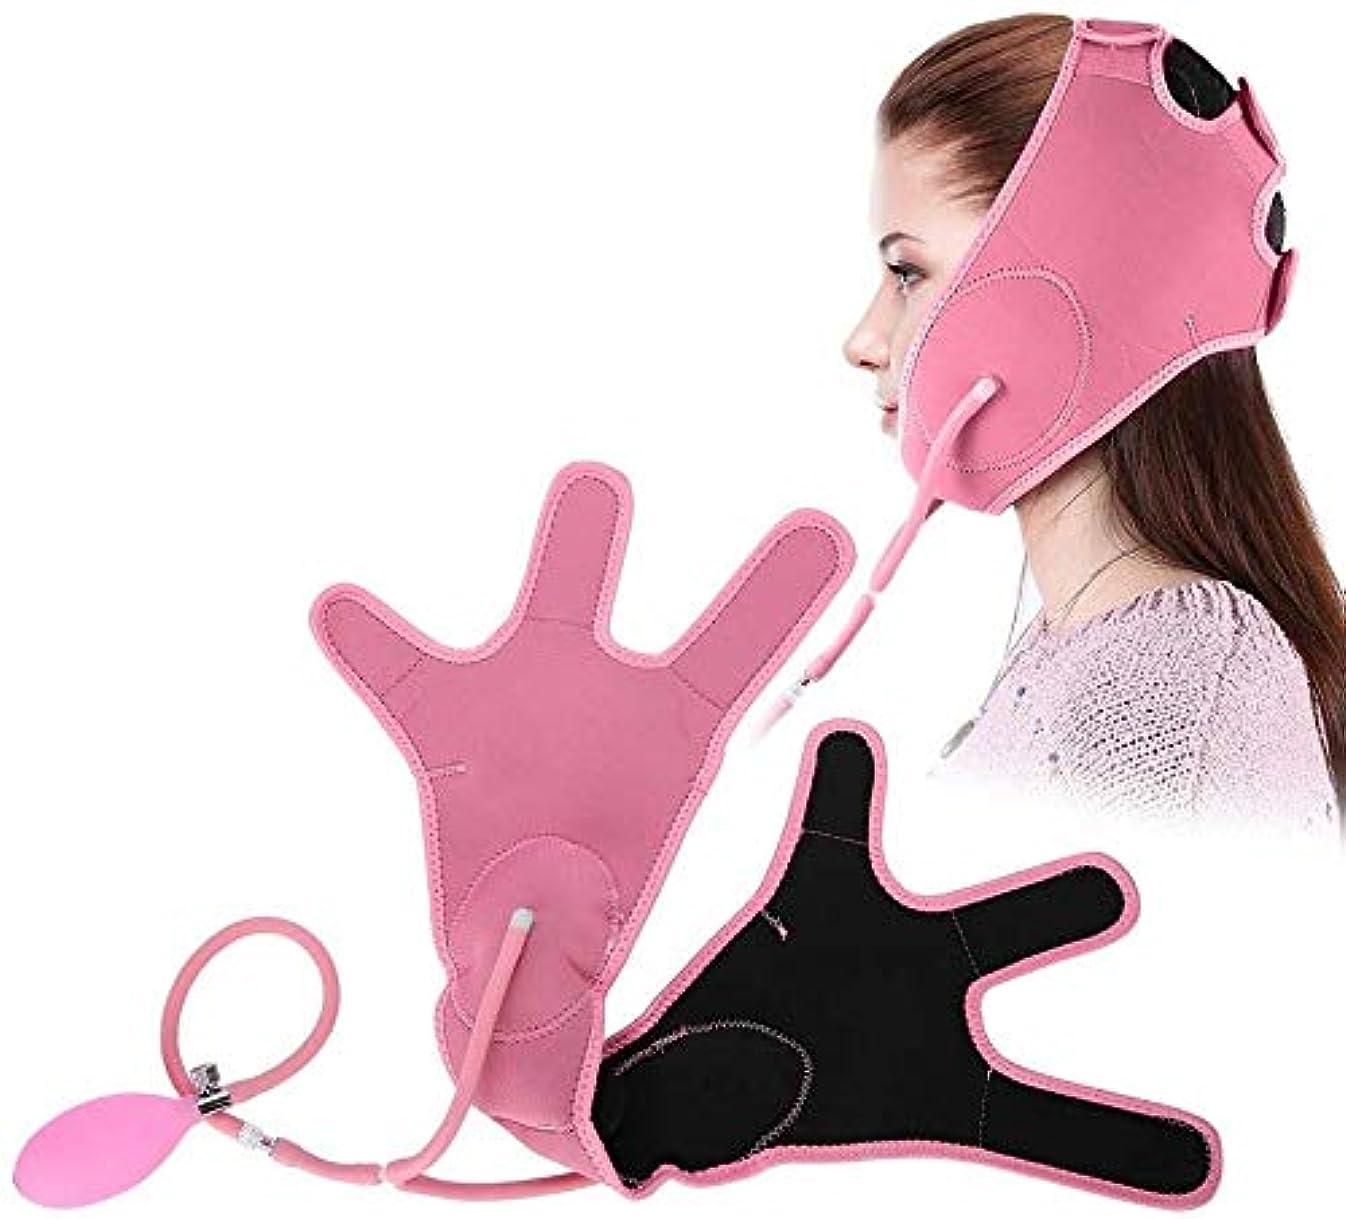 ブリッジポケット変化するHEMFV フェイススリミングマスク、ベルトを持ち上げるインフレータブル顔、エアバッグ?フェイシャル包帯ナチュラルVフェイスチークチンは、タイトなバンドを持ち上げ、フェイスリフトシェイパービューティーケアツールマスク